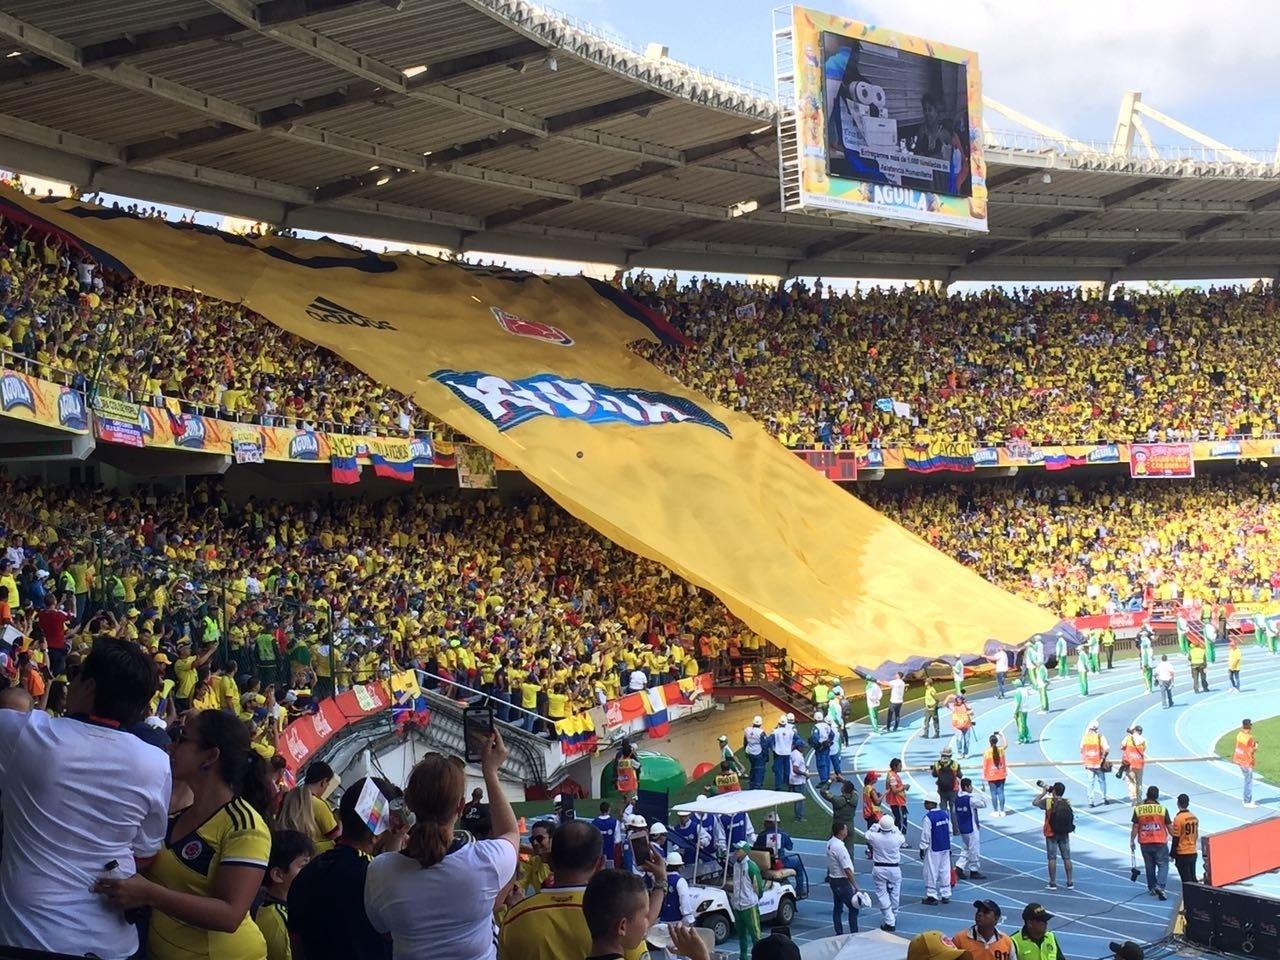 Torcida da Colômbia exibe bandeirão antes de partida com o Brasil